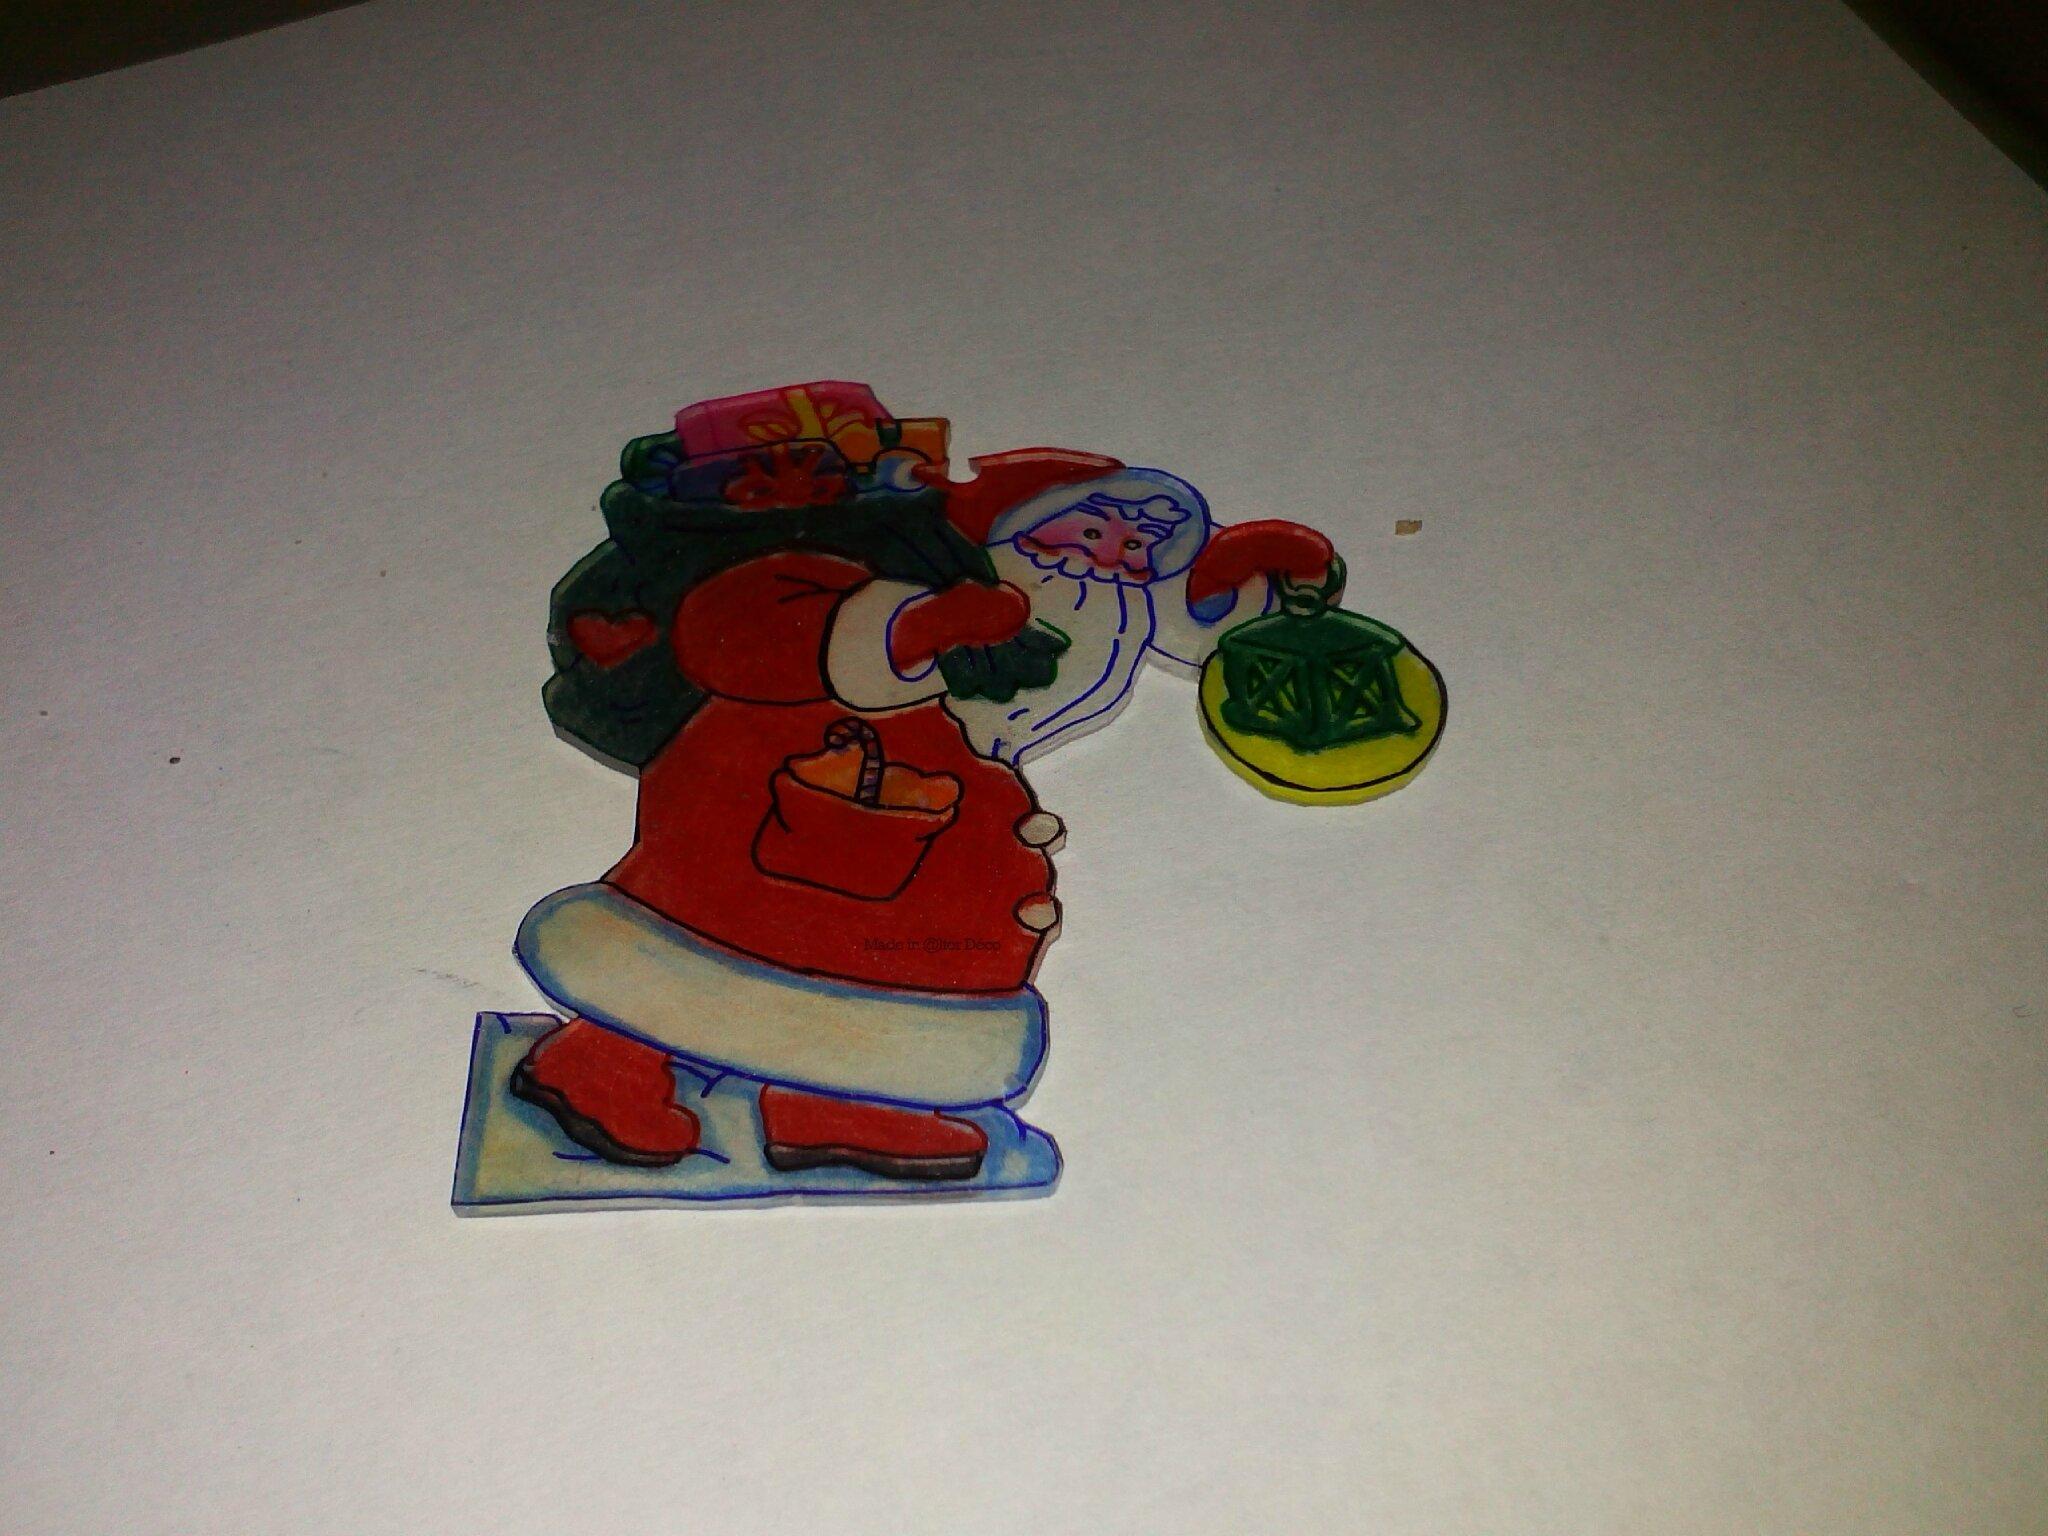 Père Noël en plastique dingue